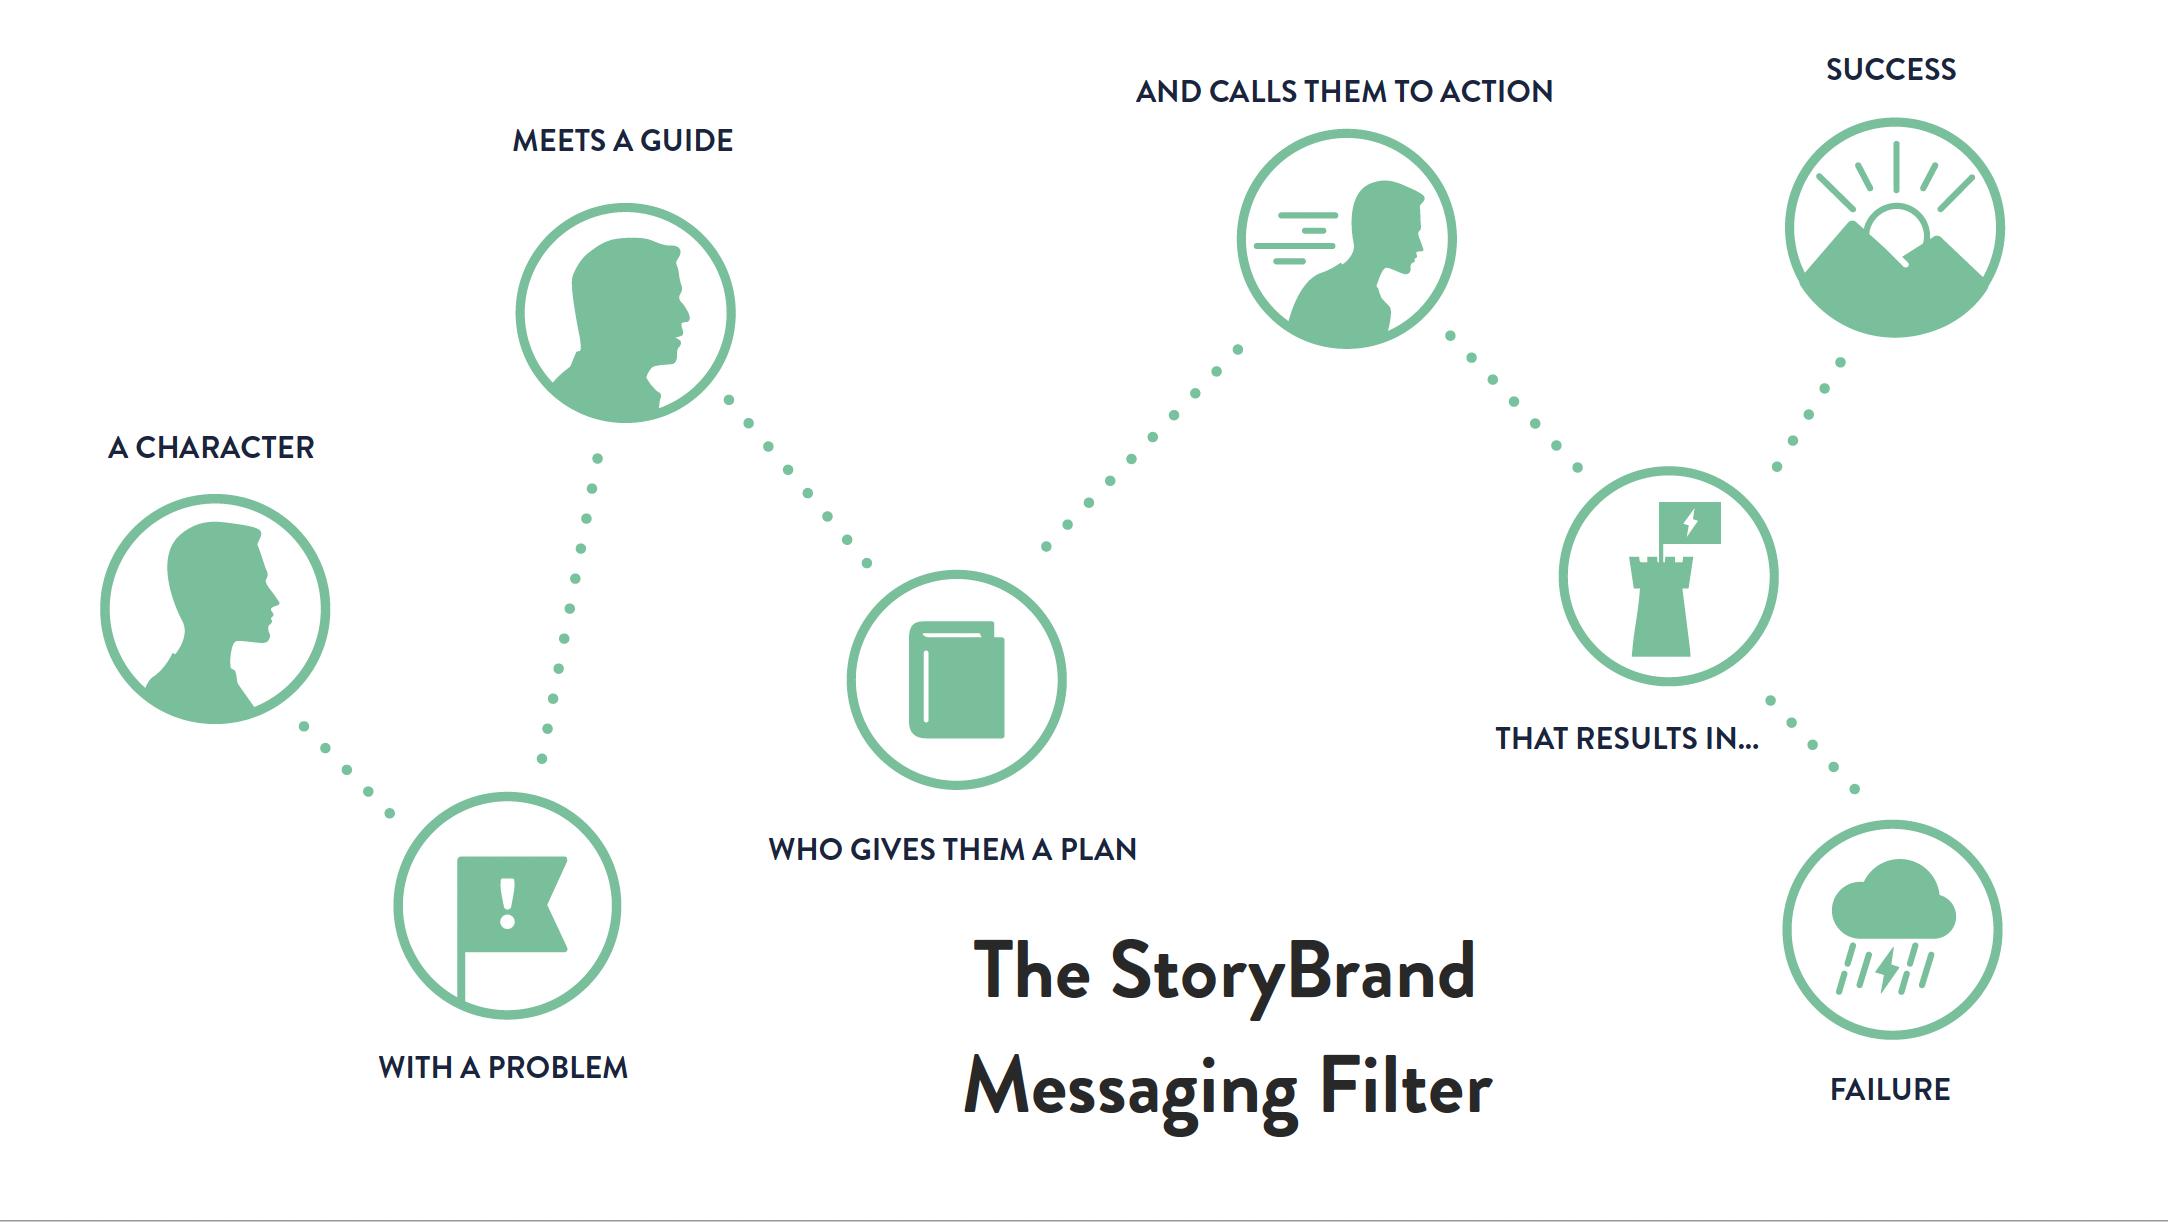 Storybrand messaging filter